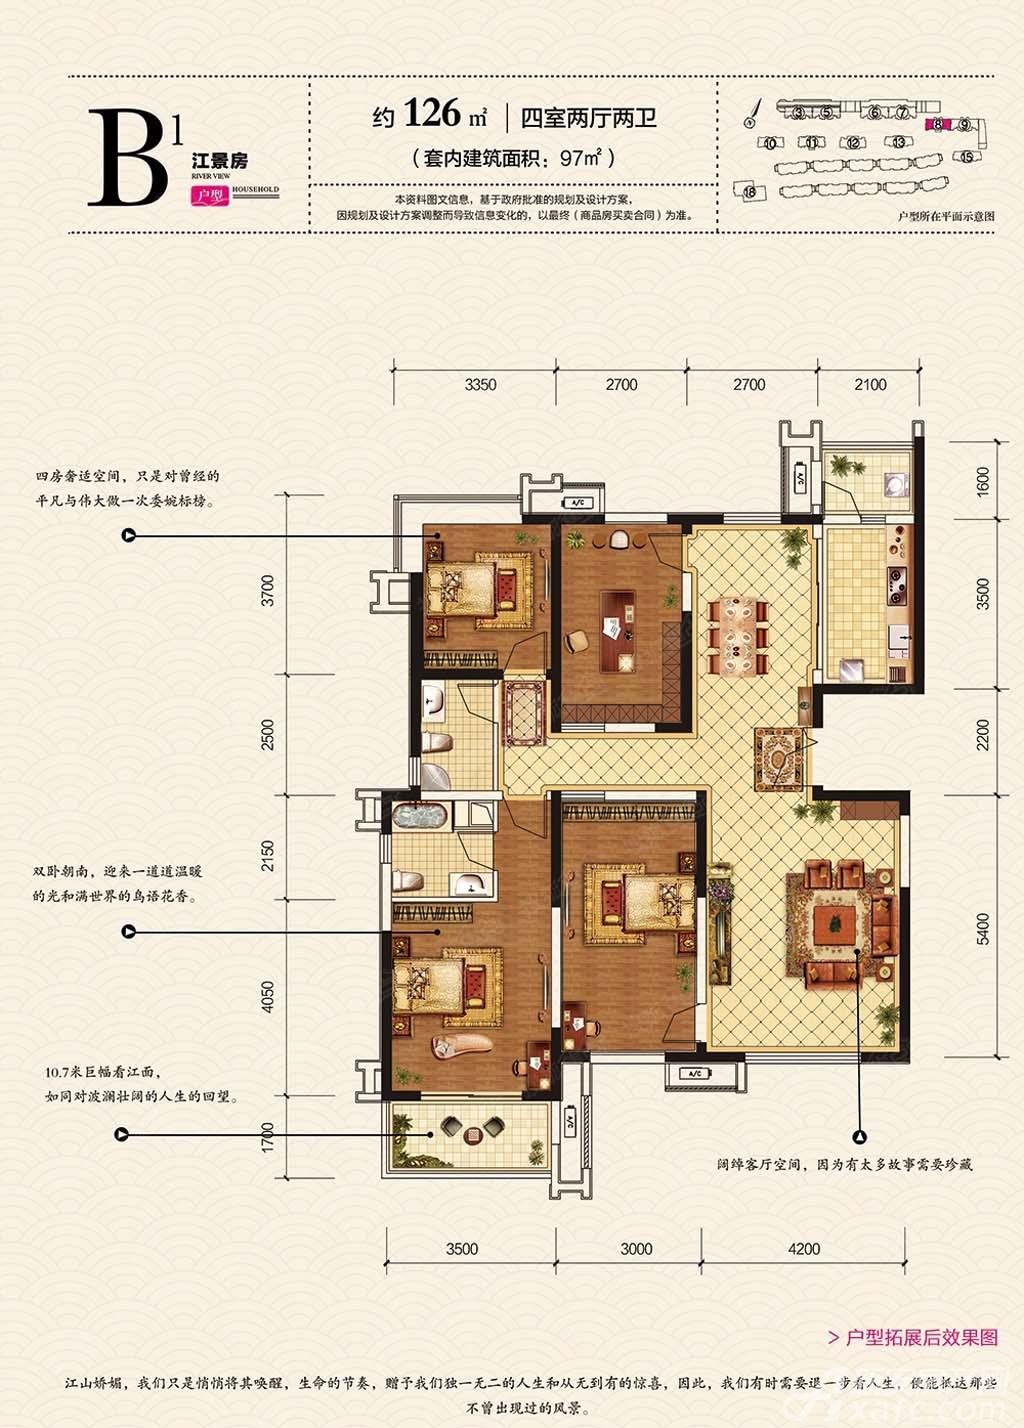 天都首郡8#楼B1户型江景房4室2厅126平米